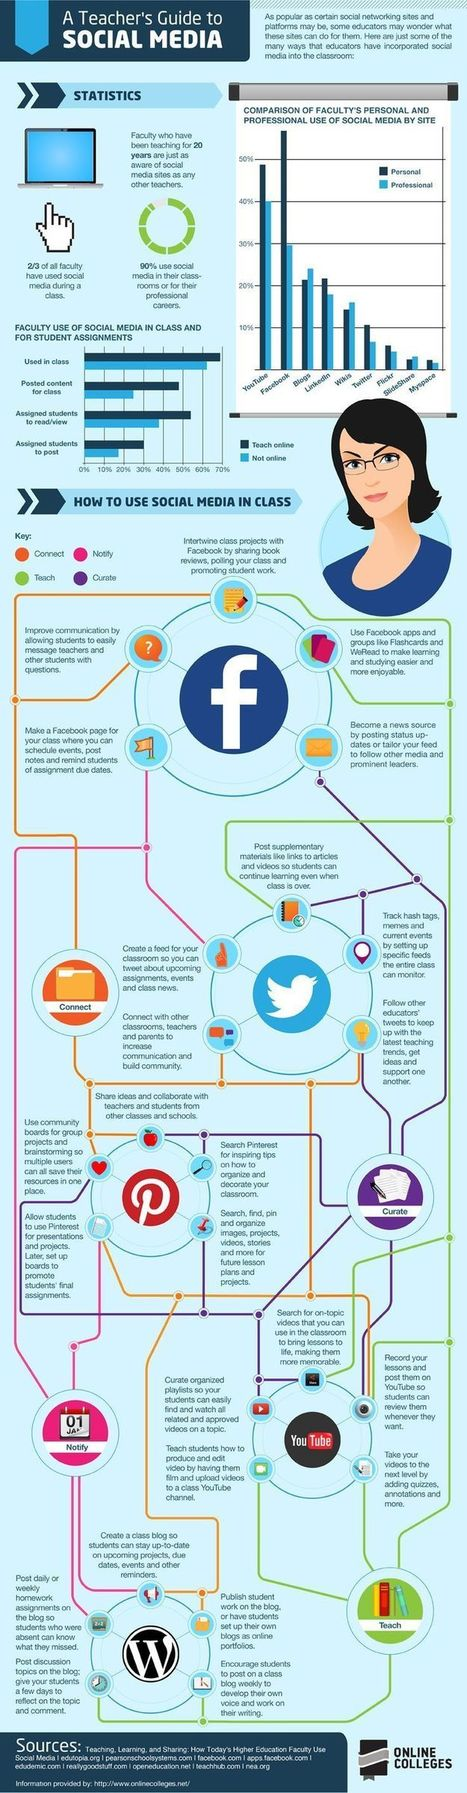 social media @eraser | internet marketing | Scoop.it